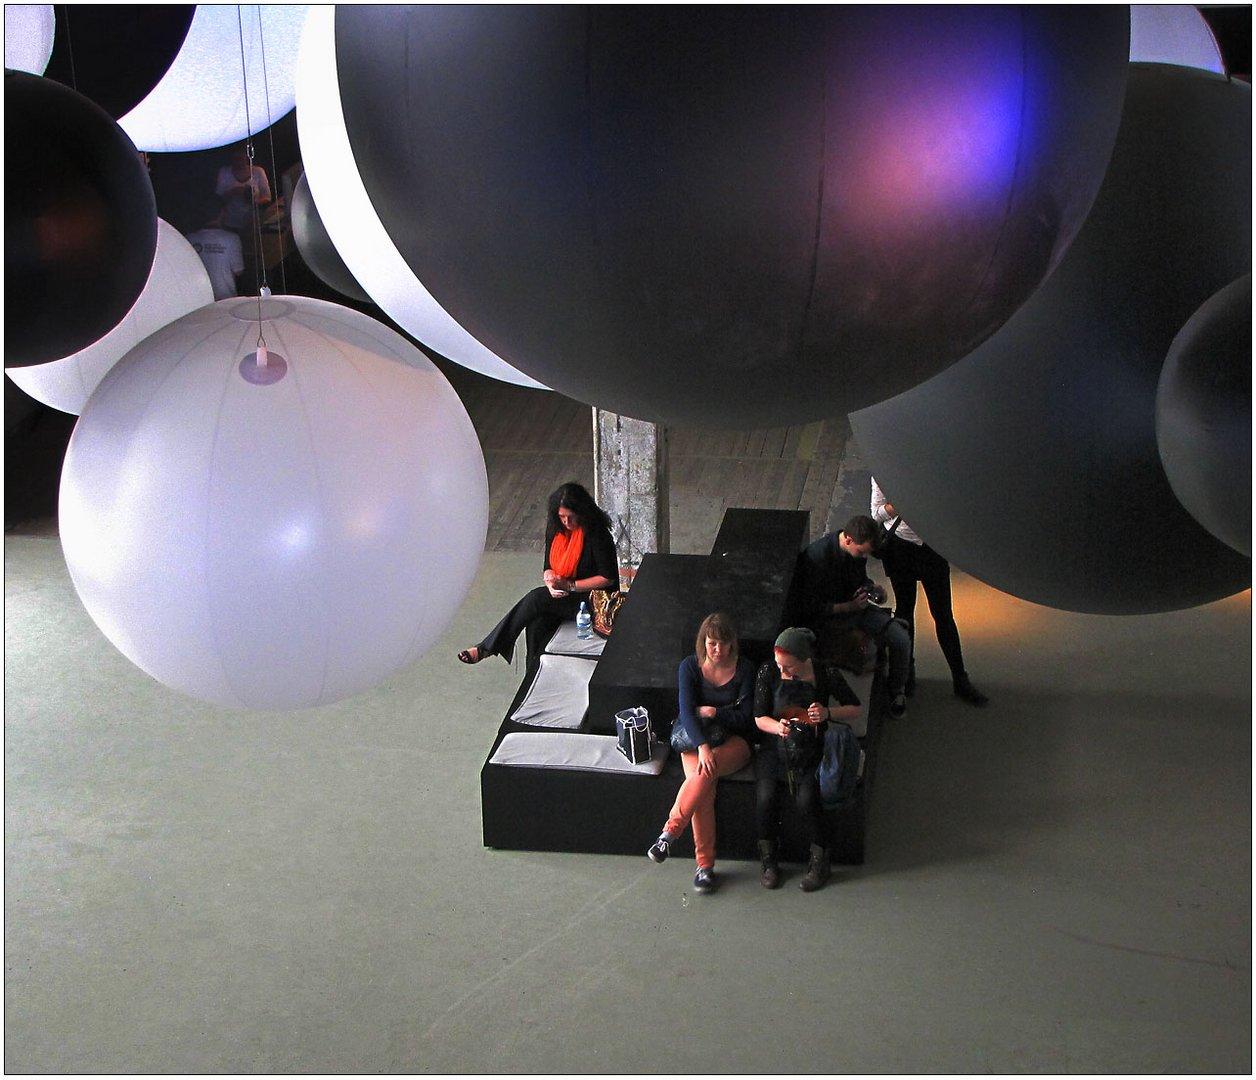 Unter den Ballons